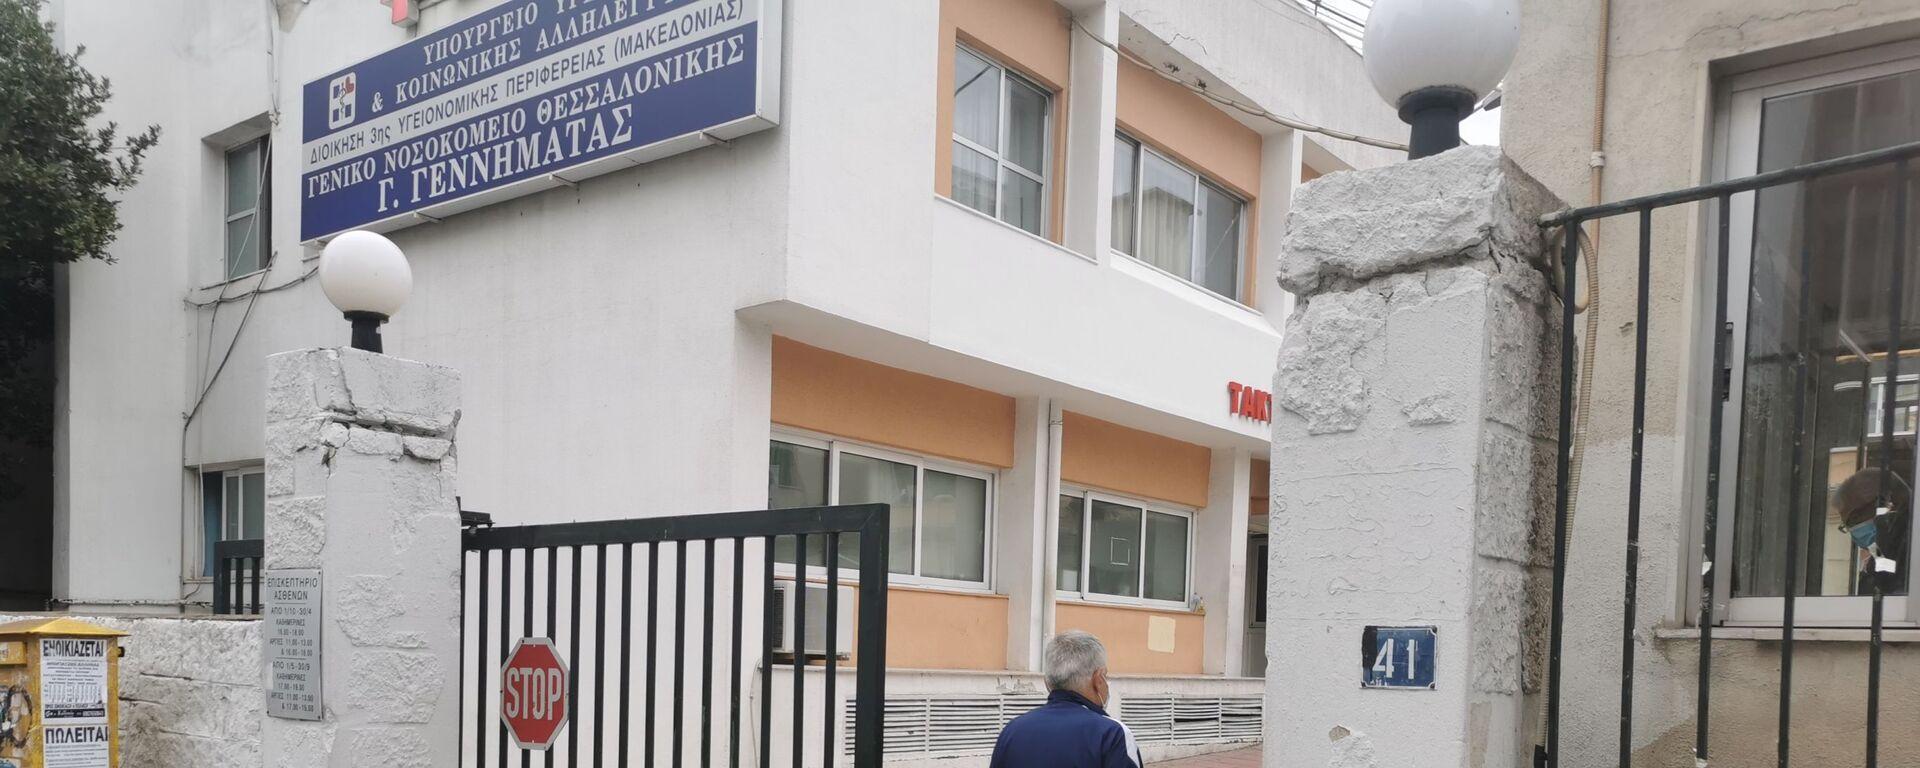 Γενικό νοσοκομείο Θεσσαλονίκης Γ. Γεννηματάς  - Sputnik Ελλάδα, 1920, 12.10.2021